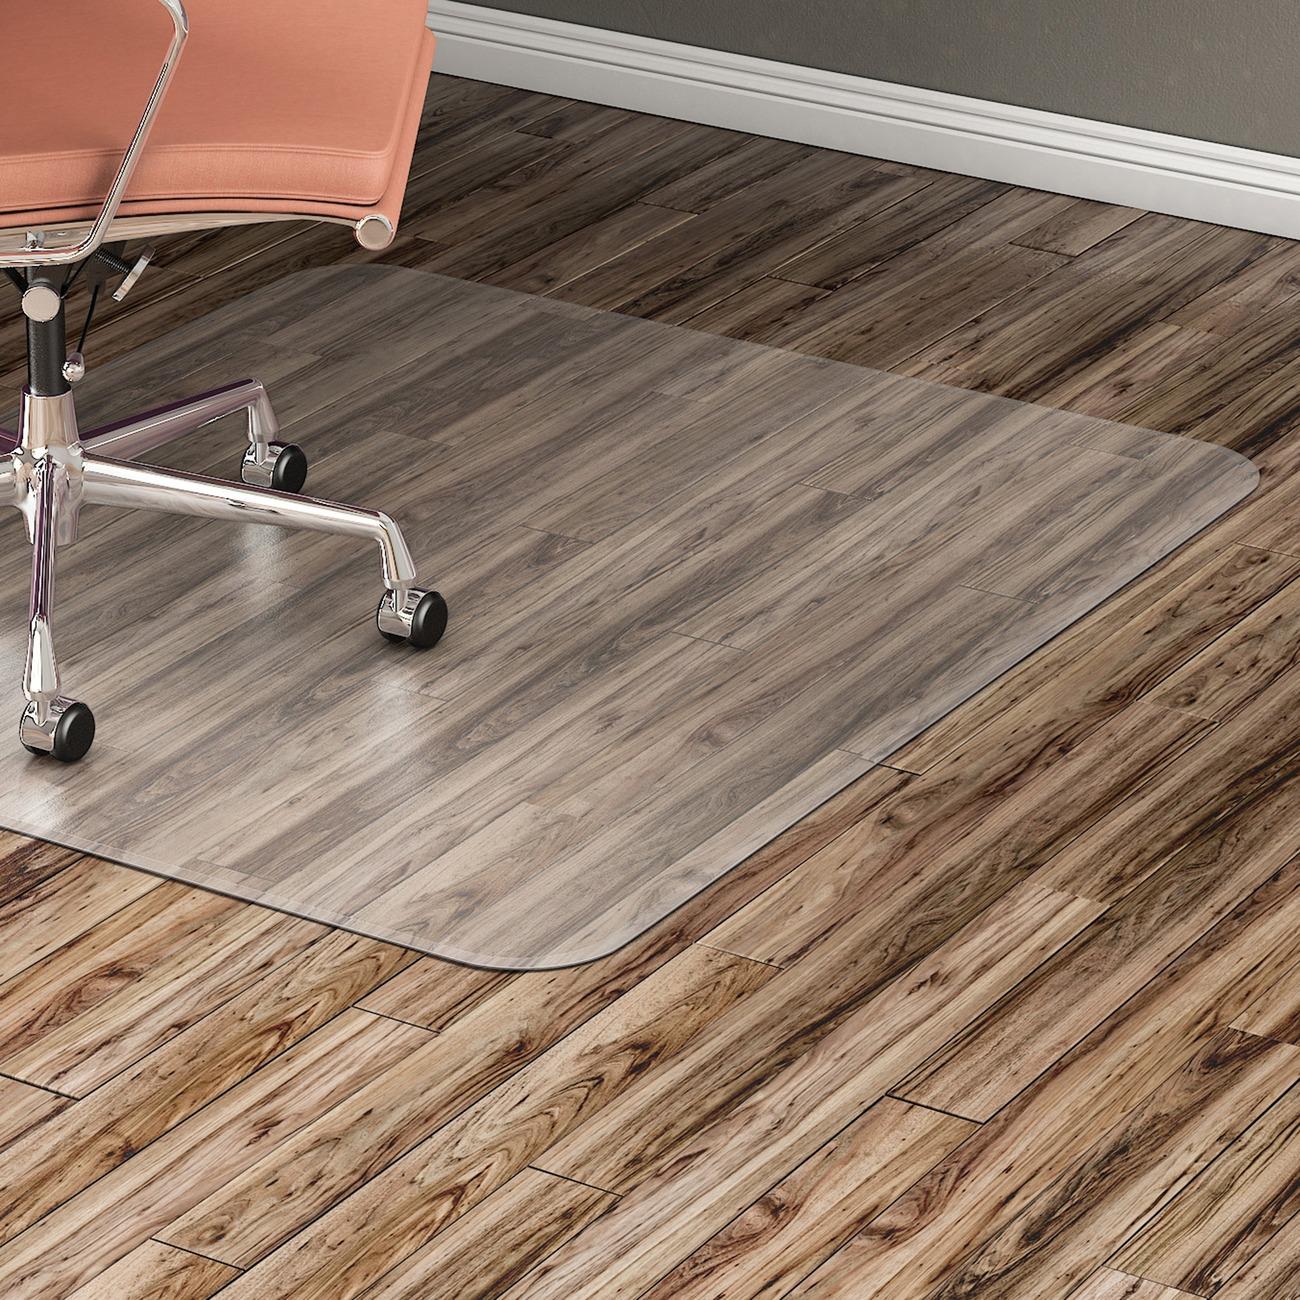 Lorell Hard Floor Rectangular Chairmat Hard Floor Wood Floor Vinyl Floor Tile Floor mm Length x mm Width x mil 2